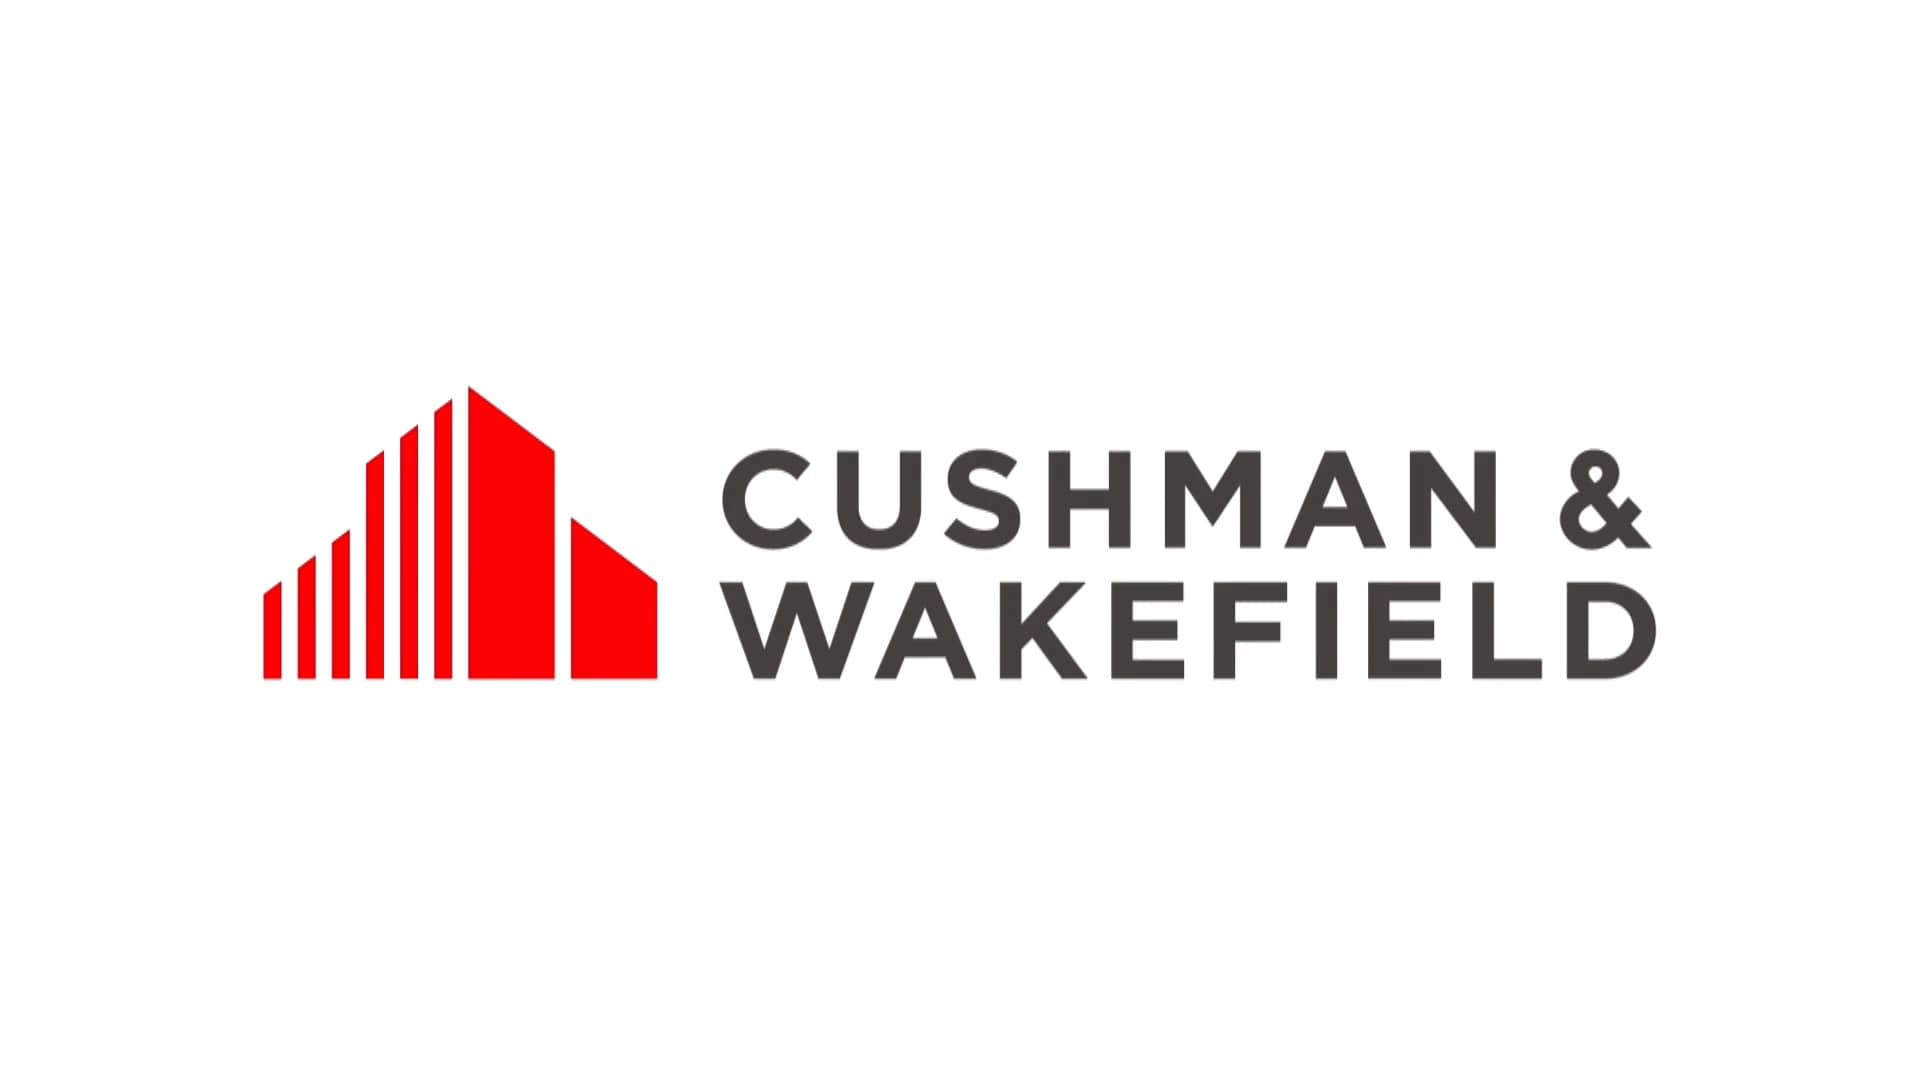 fotógrafo corporativo y servicios de streaming en madrid cushman eventop